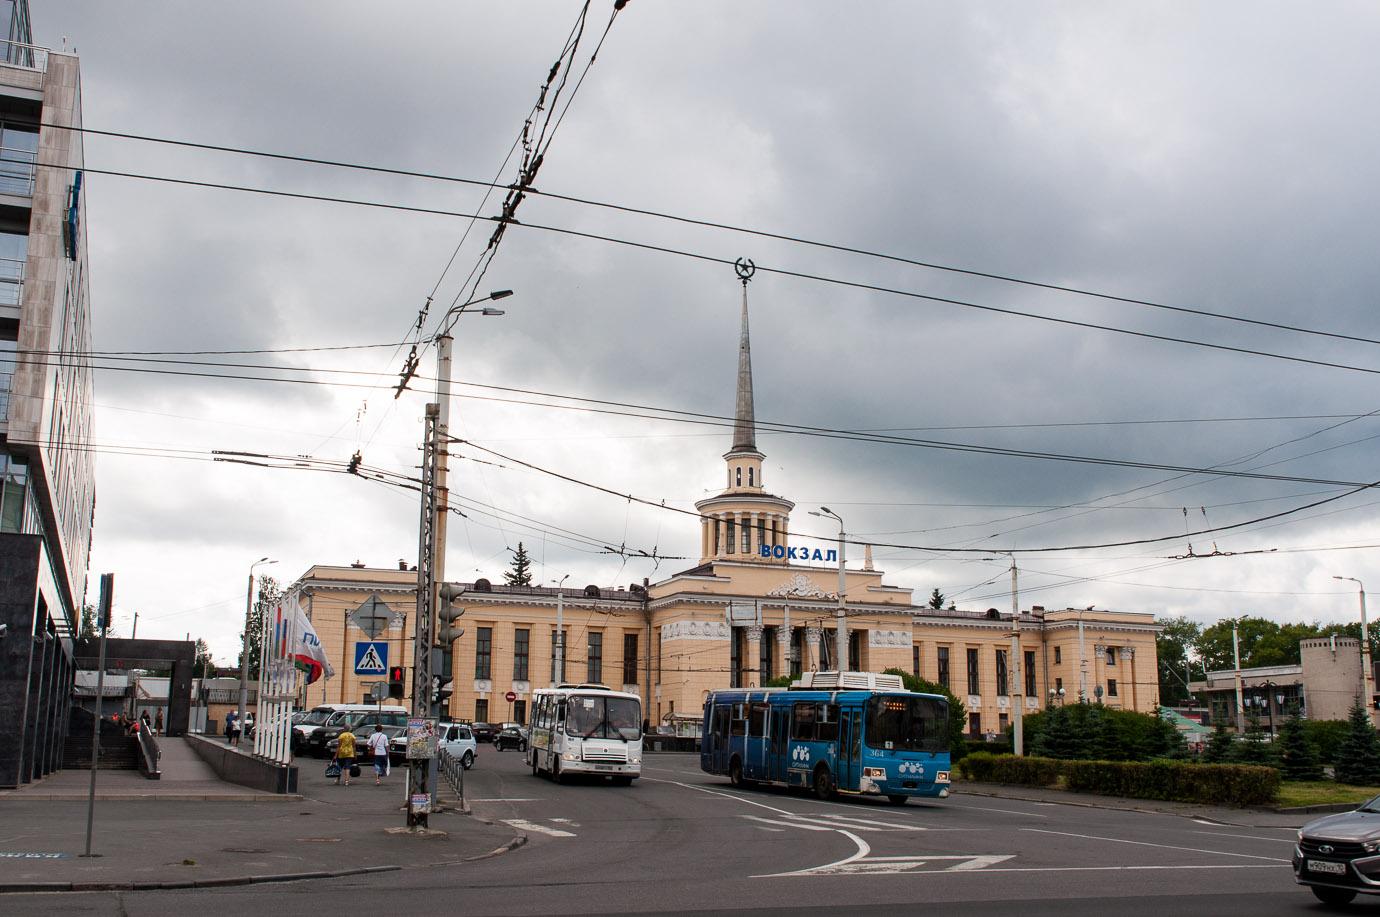 Петрозаводстк, фото, Карелия, куда поехать в России, отдых в России